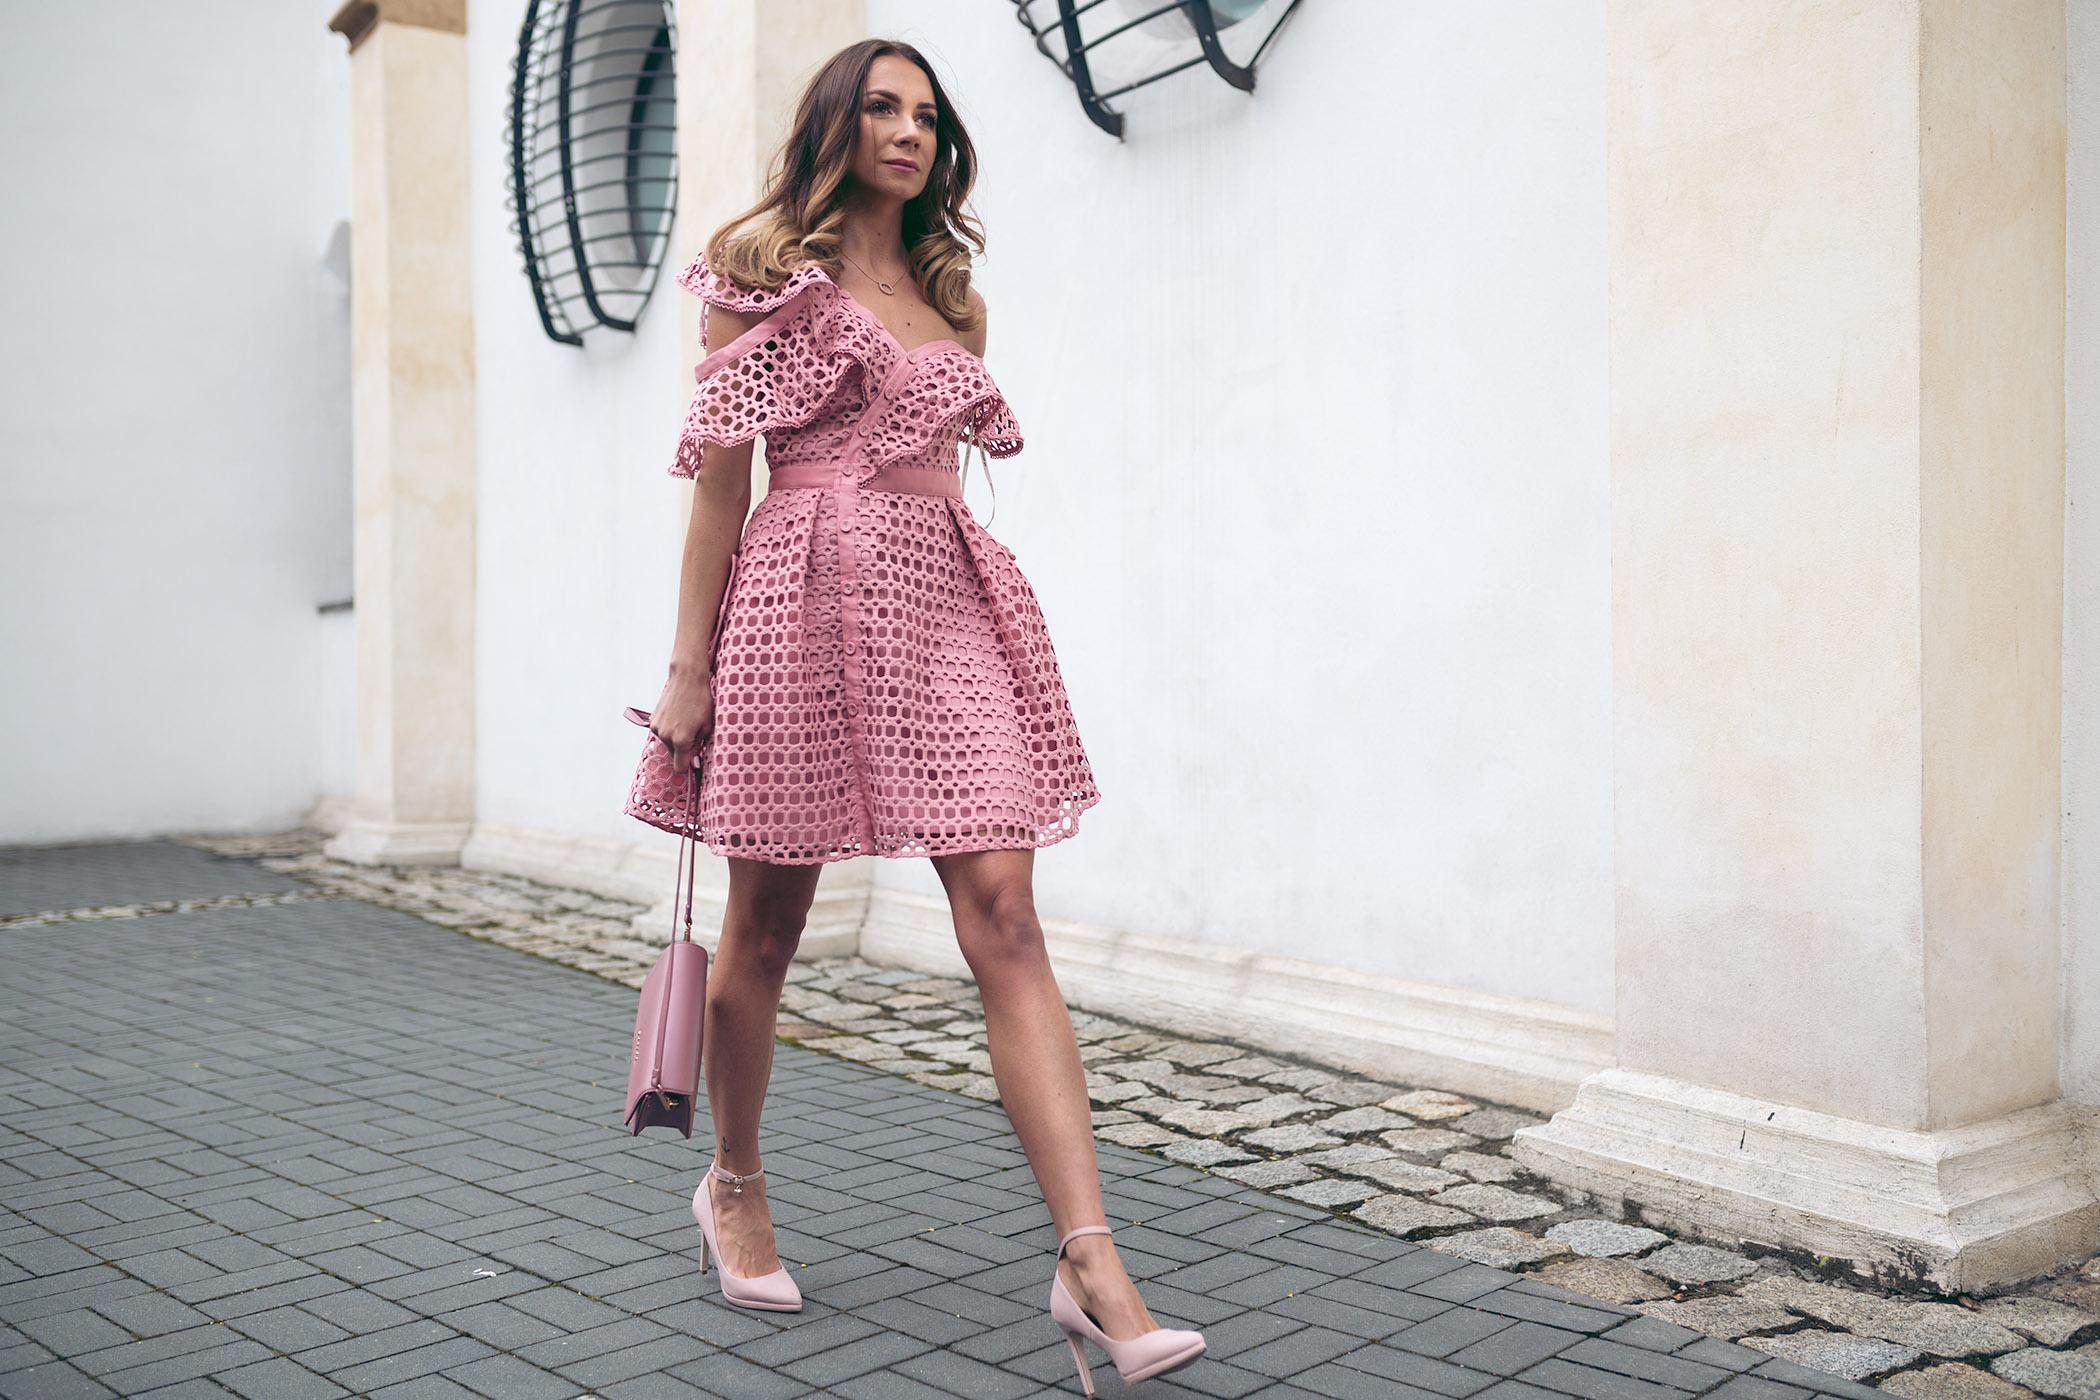 Sukienka Self Portrait, wypożyczalnia sukienek od projektantów, Self Portrait różowa